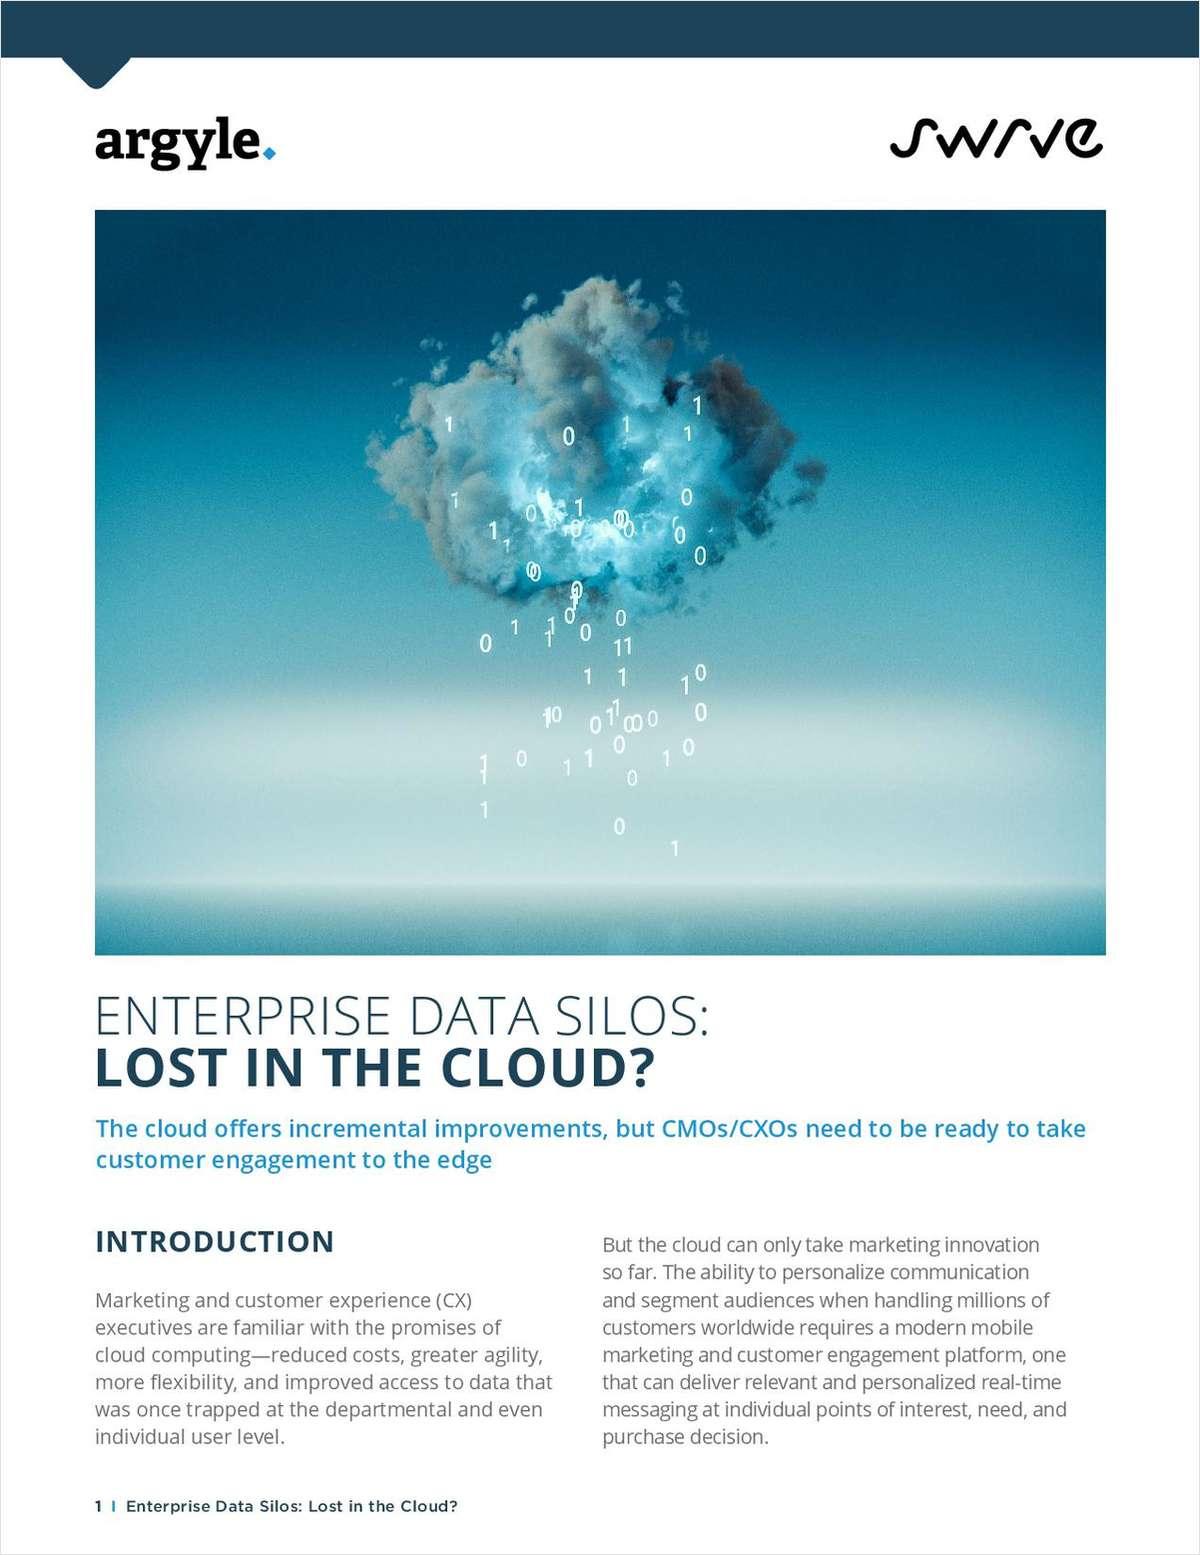 Enterprise Data Silos